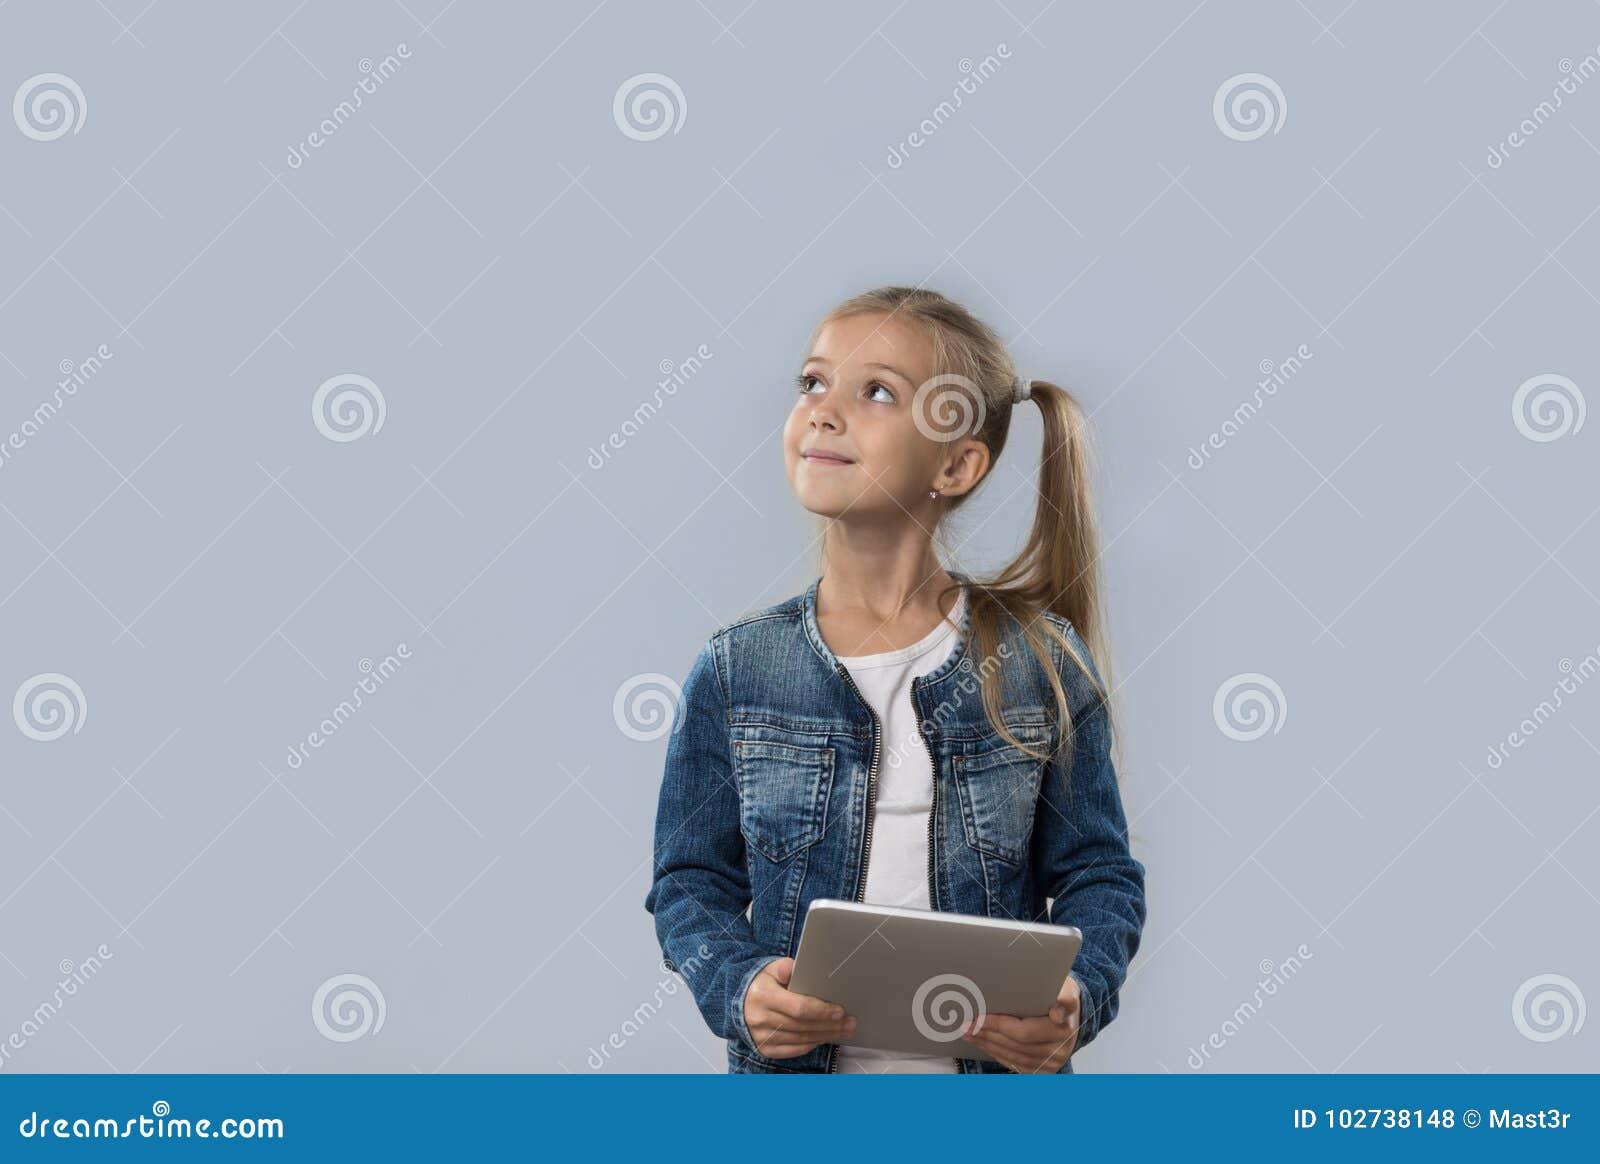 Menina bonita que usa o tablet pc que olha acima para copiar o sorriso feliz do espaço isolado